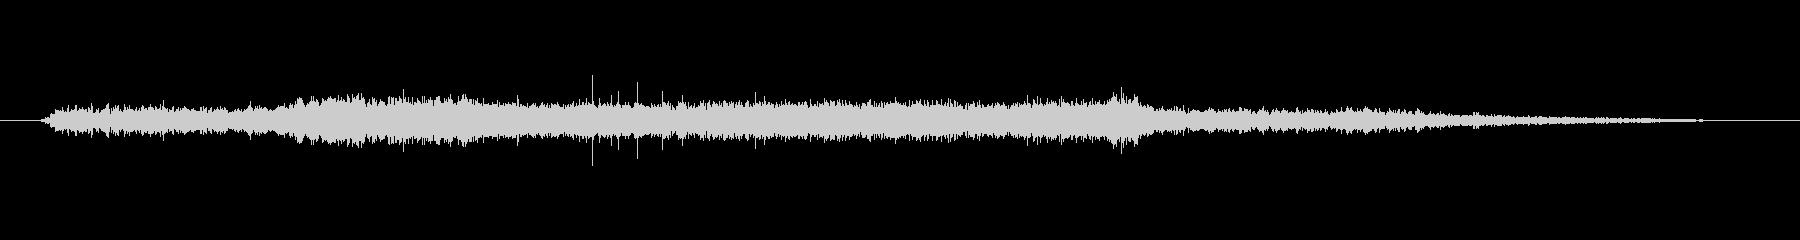 ヒューの未再生の波形